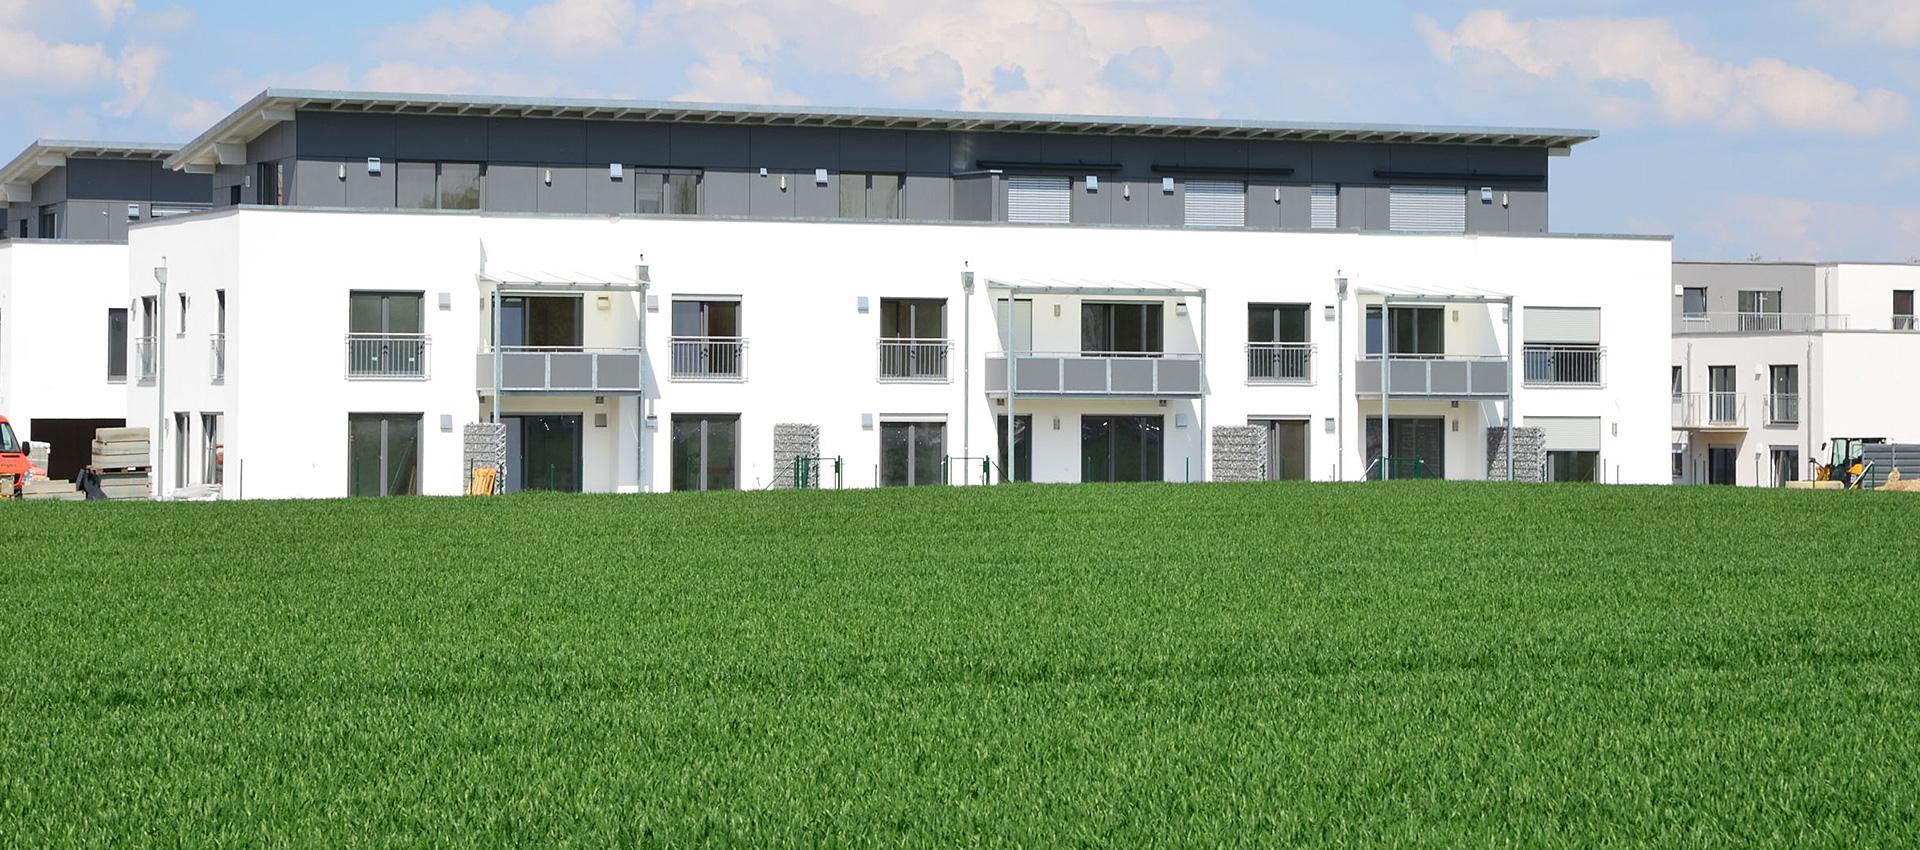 Immobilienmakler Erding Sperr & Zellner Immobilien Erding